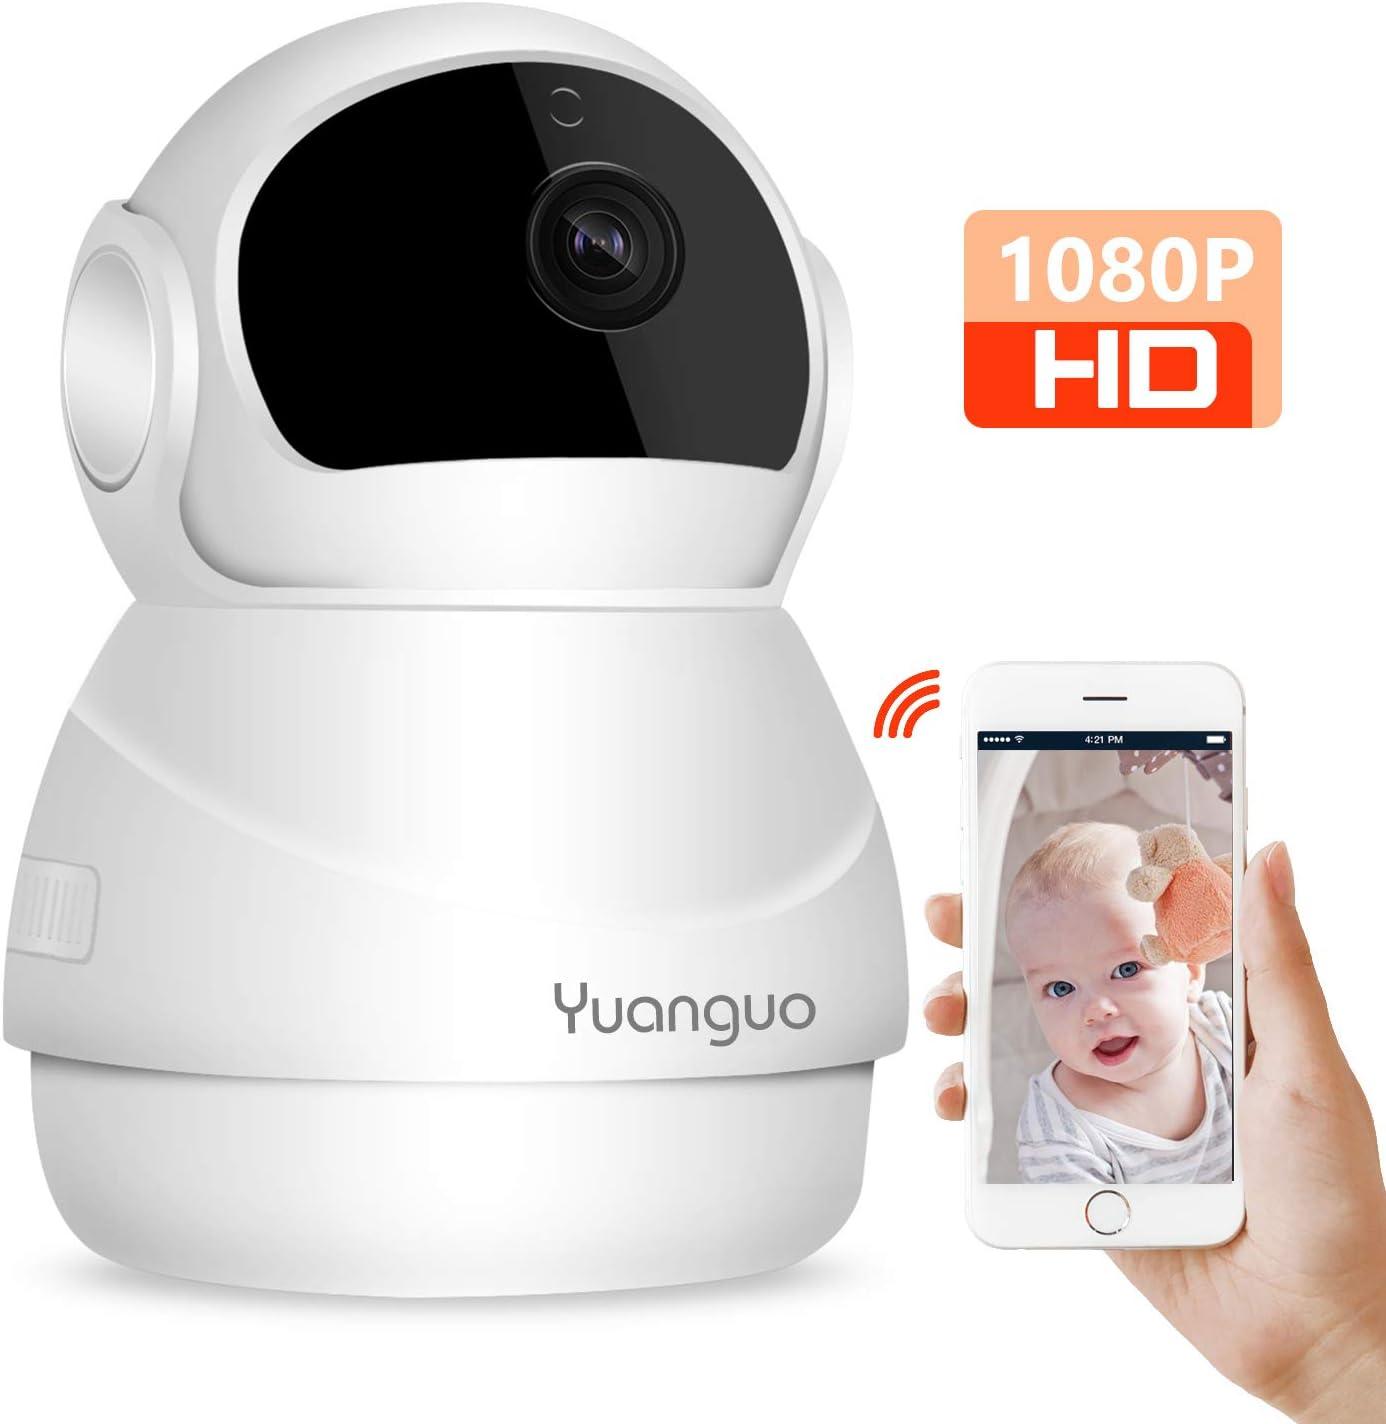 Cámara IP WiFi Yuanguo Cámara Vigilancia WiFi Interior 1080P FHD con Audio Bidireccional Visión Nocturna,Detección de Movimiento Alarma Remota y App Control Monitor de Bebé/Hogar/Mascotas